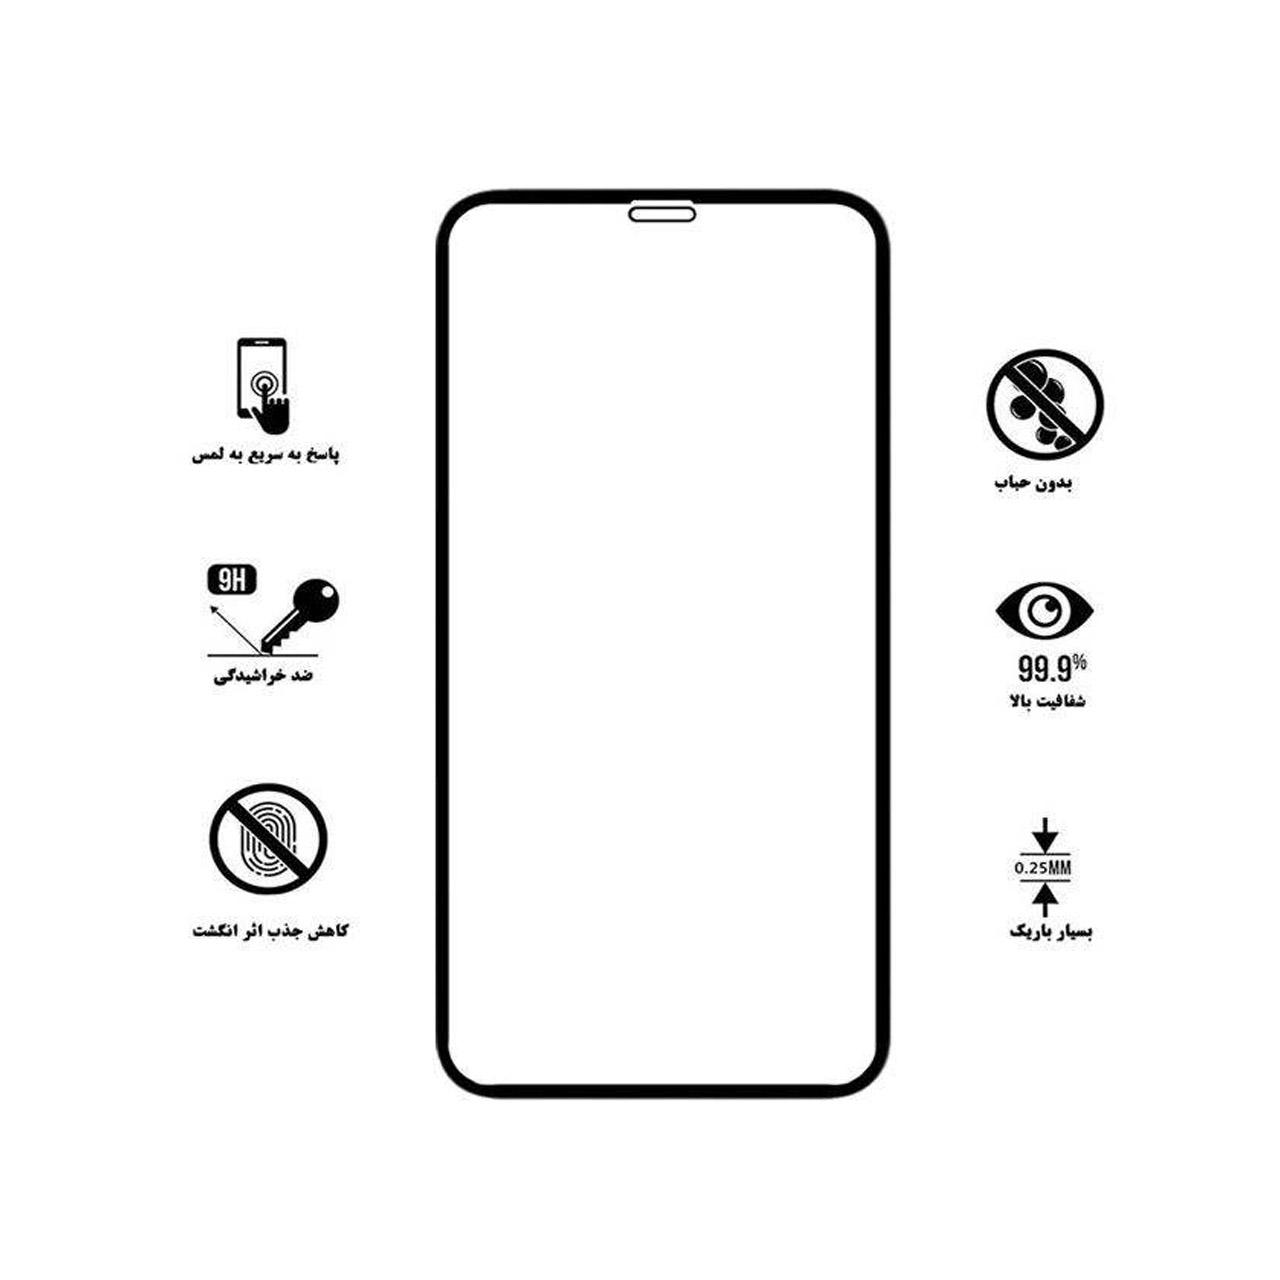 محافظ صفحه نمایش آکوا مدل IPH مناسب برای گوشی موبایل اپل iPhone 11              ( قیمت و خرید)